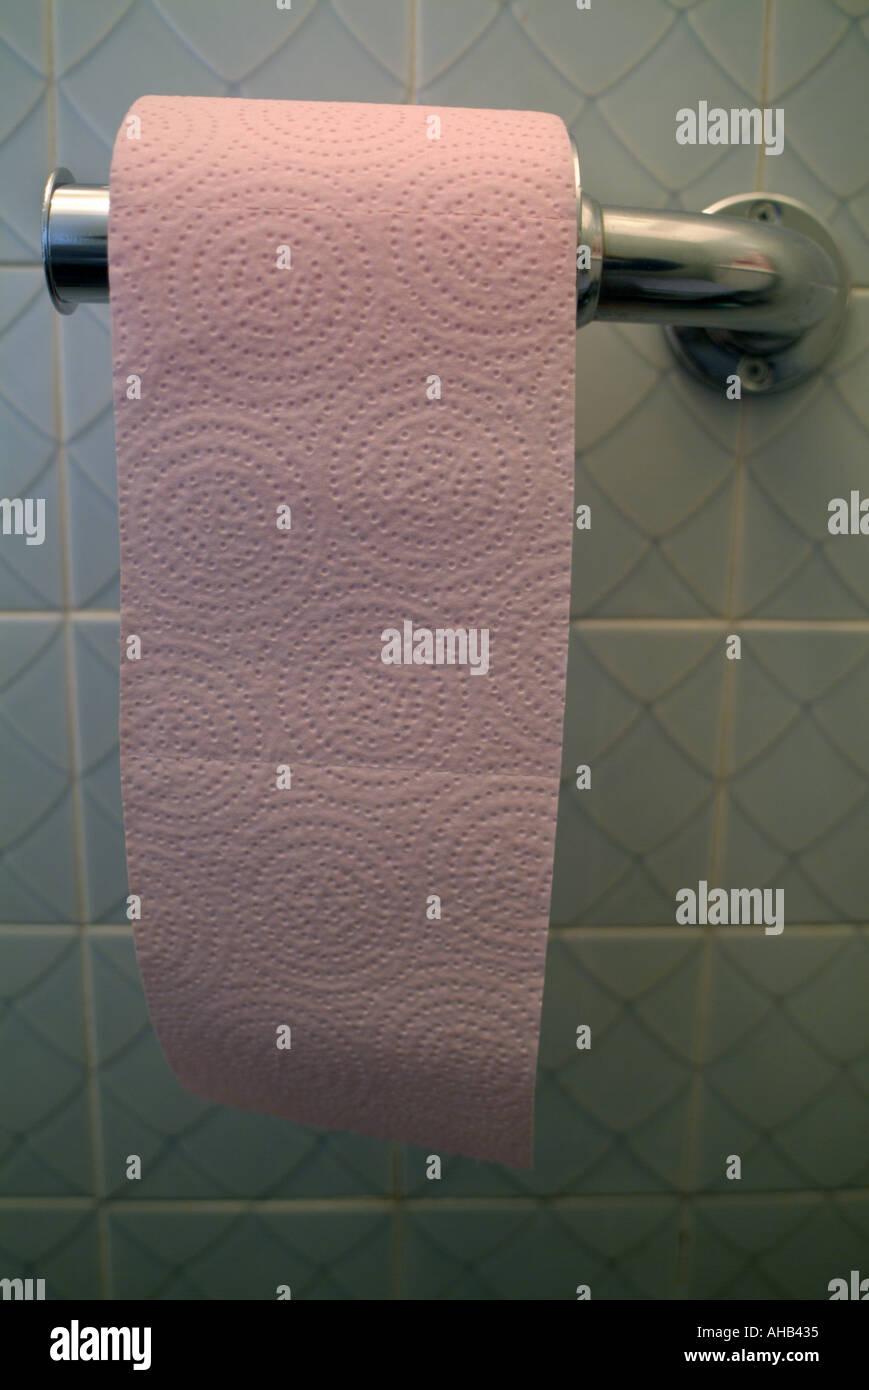 Rouleau de papier toilette rose dans la salle de bains. Photo Stock